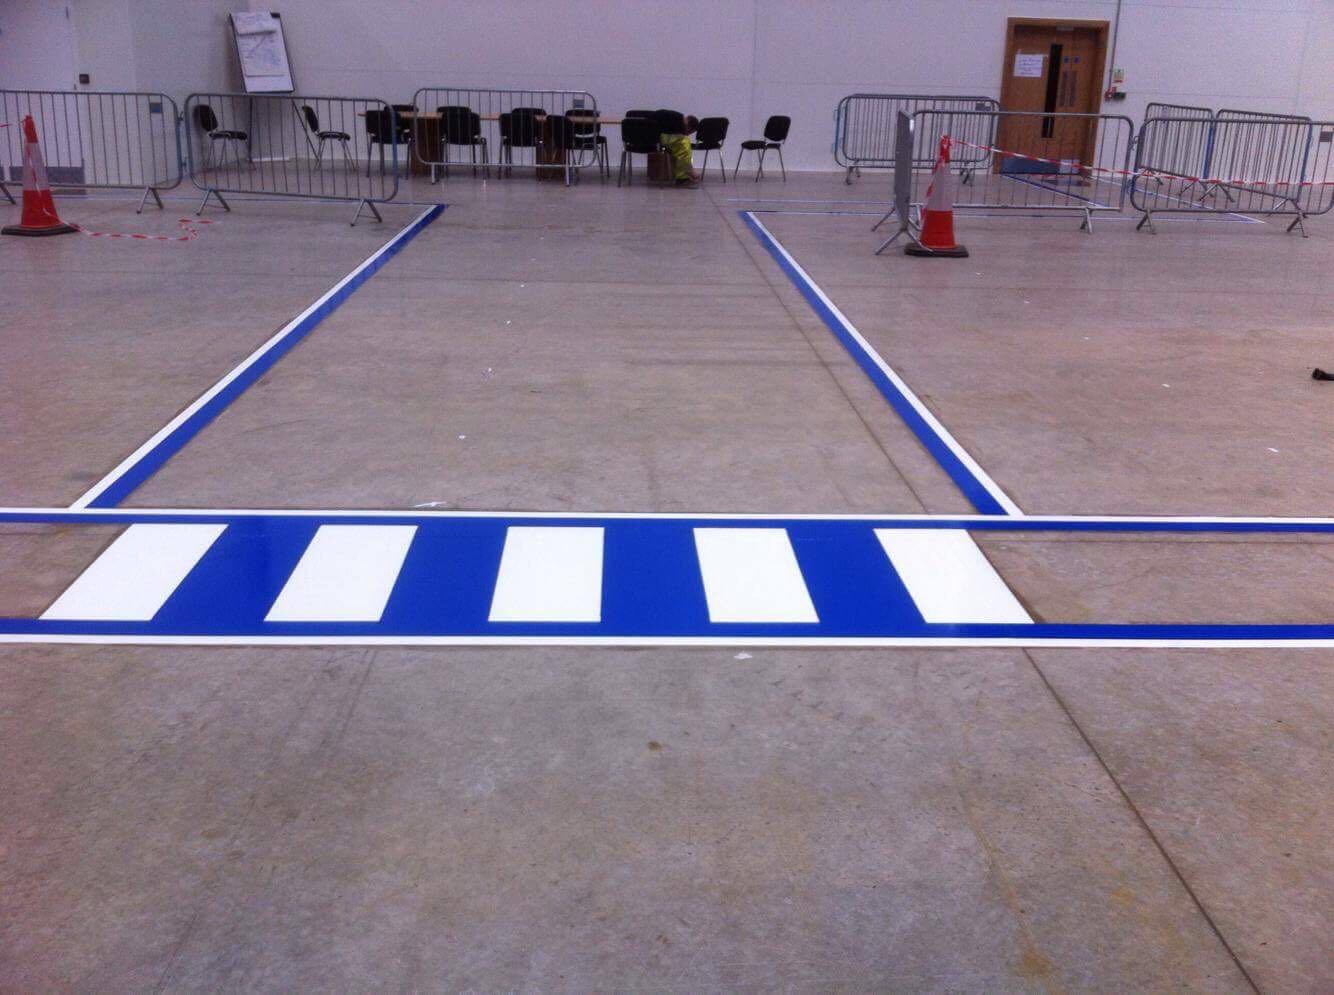 internal floor markings